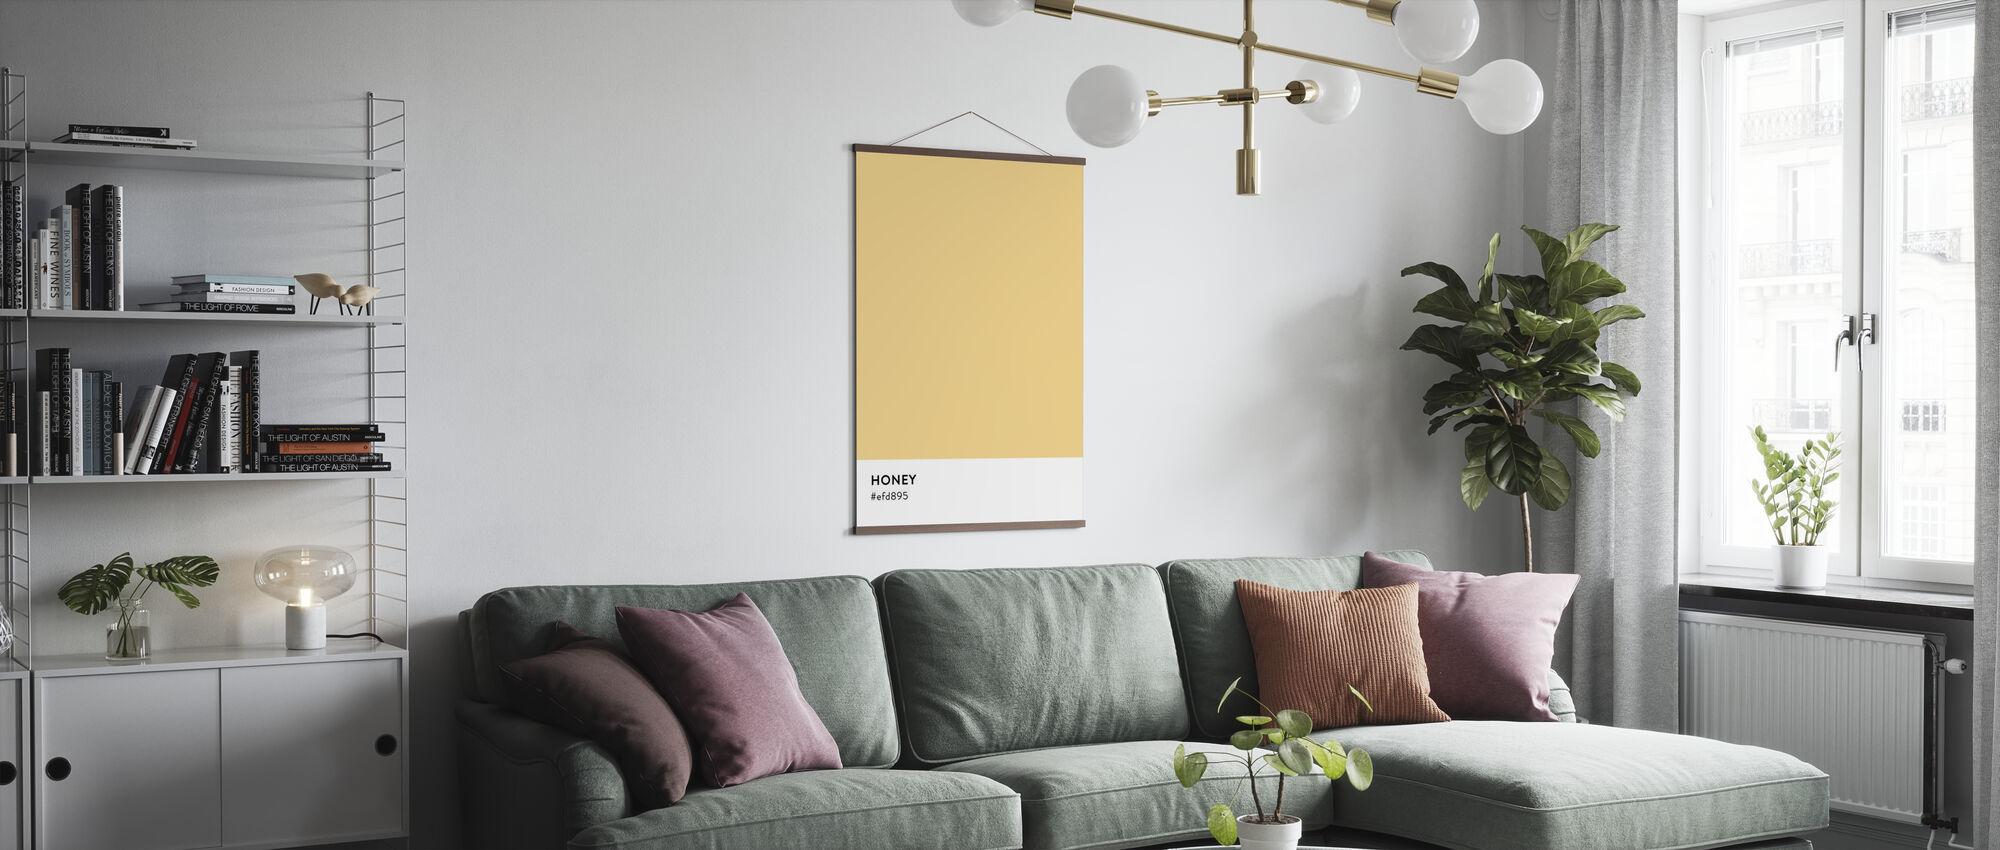 Honig - Poster - Wohnzimmer